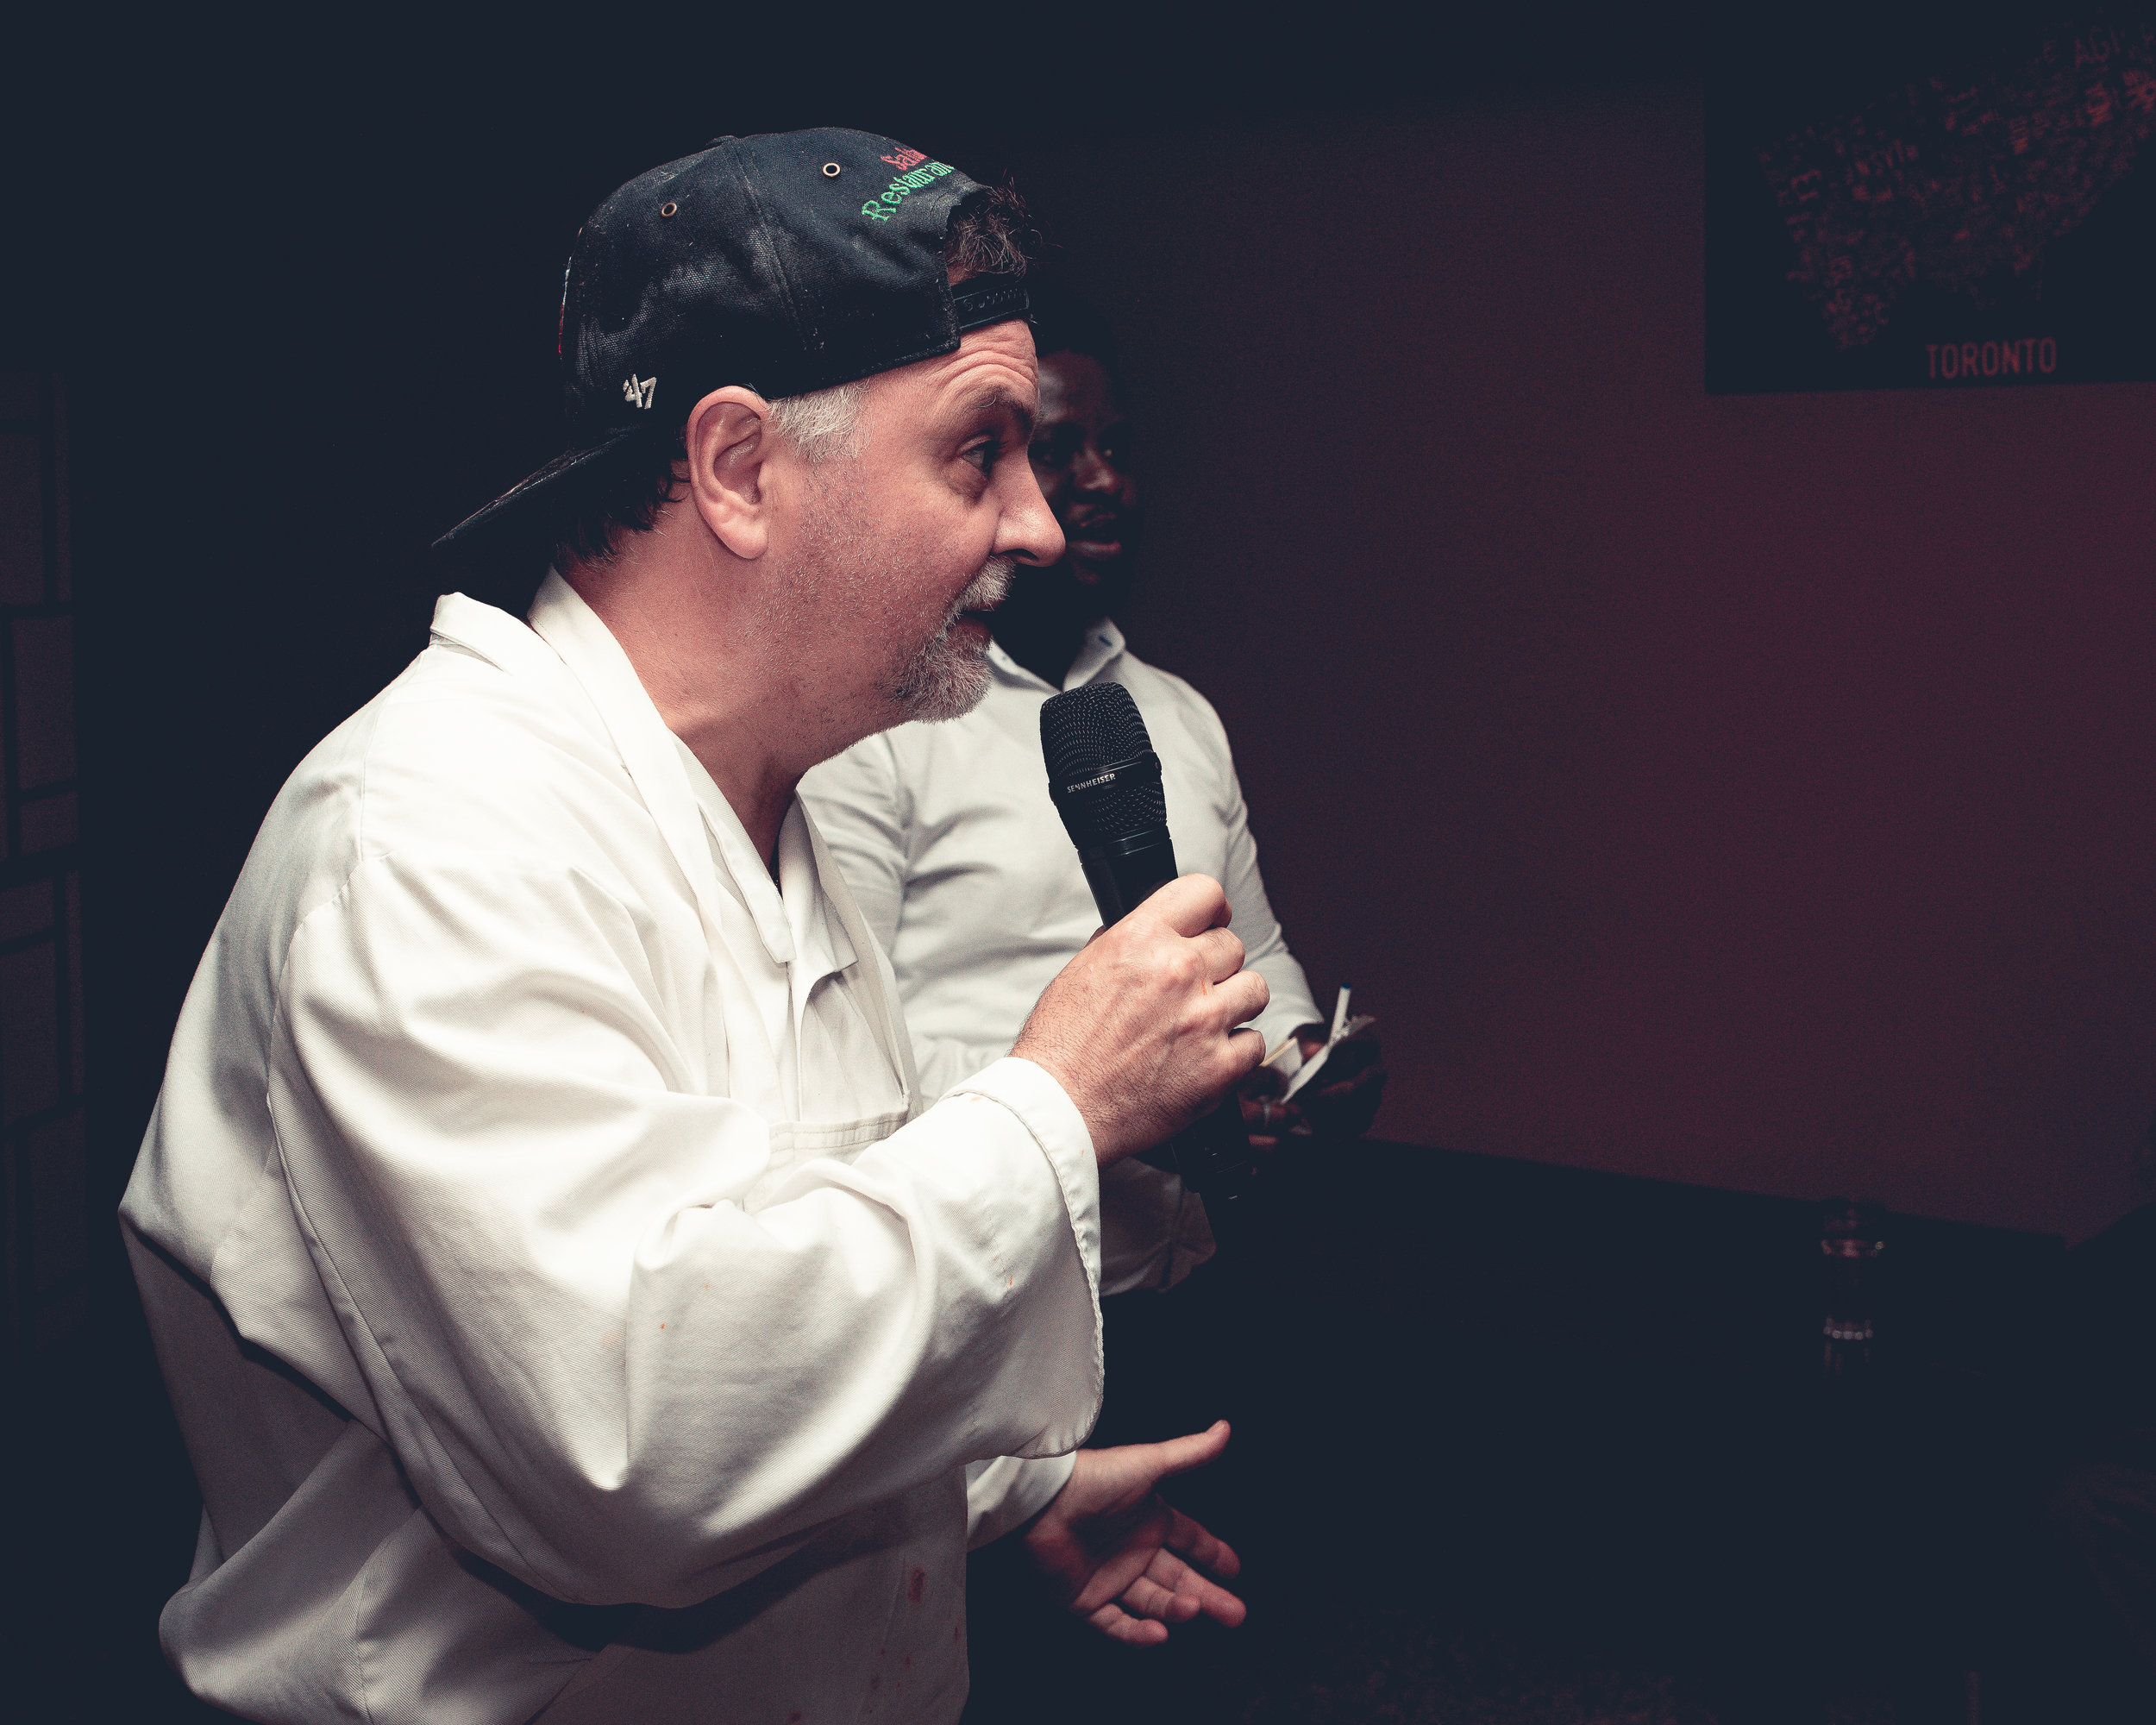 Salvatore Spataro - Co-Owner, Salto Restaurant & Bar